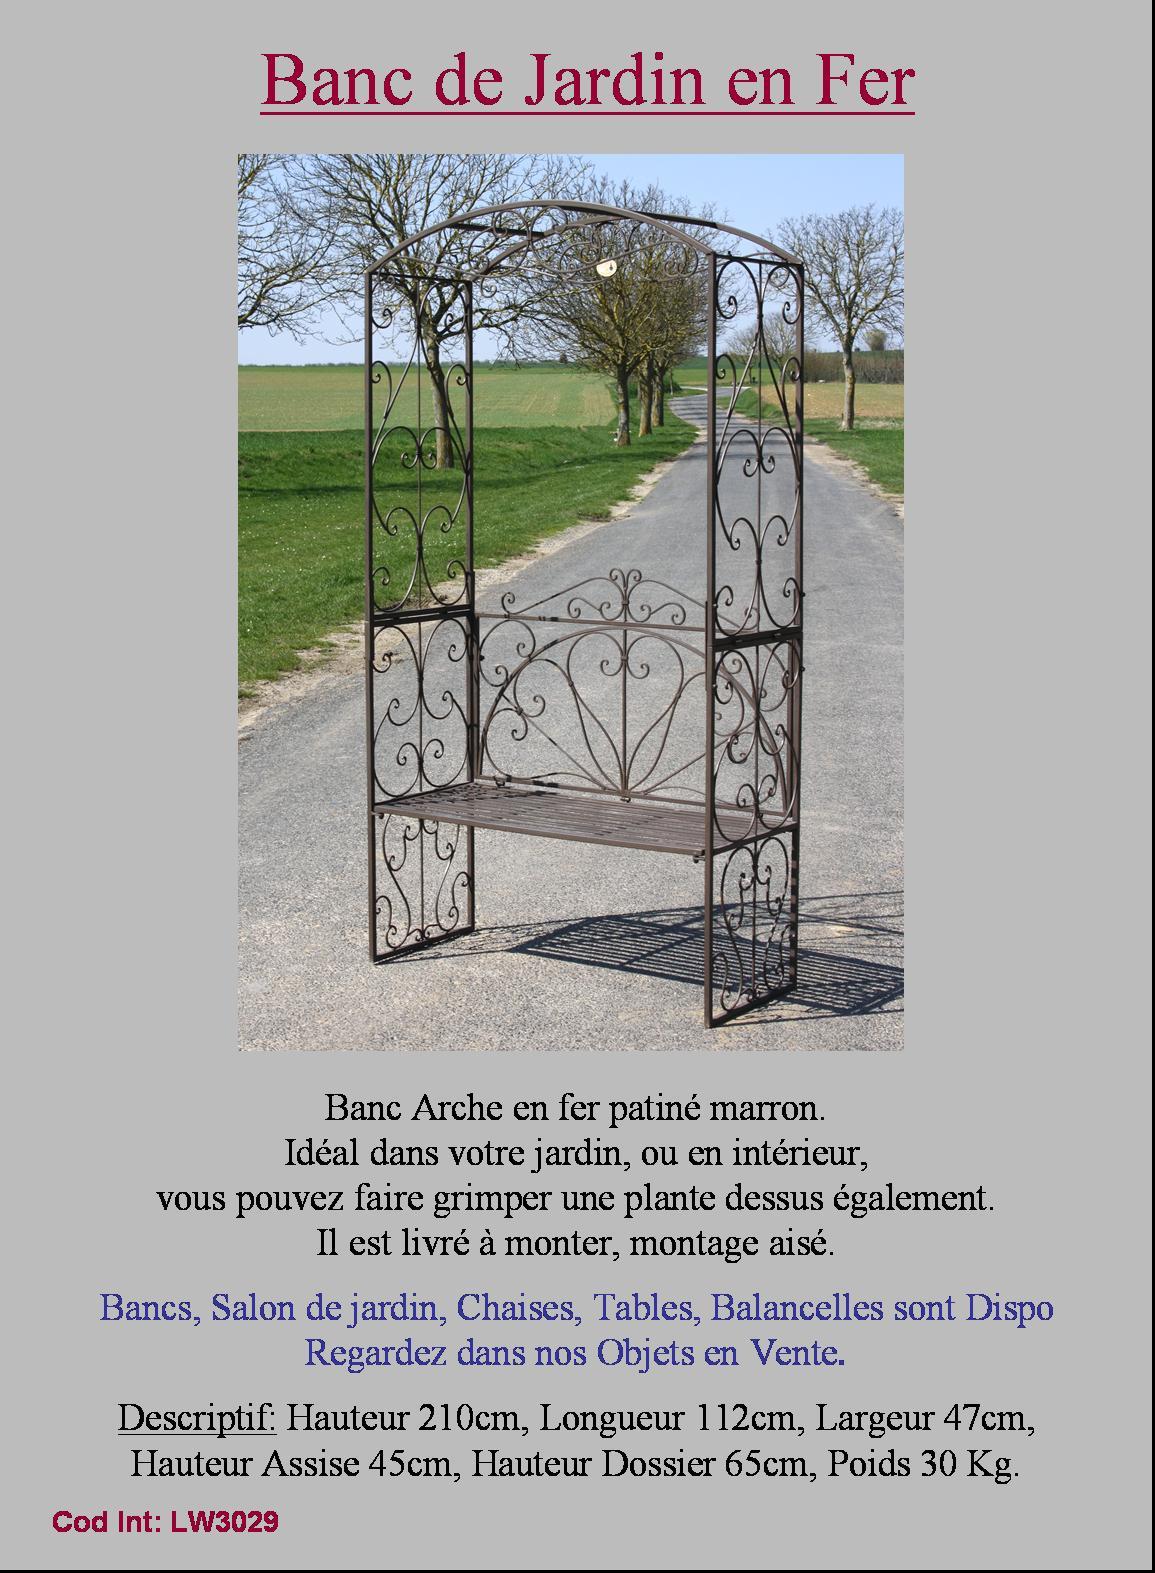 Banc fauteuil arche porte plante grille barriere de jardin for Porte jardin fer